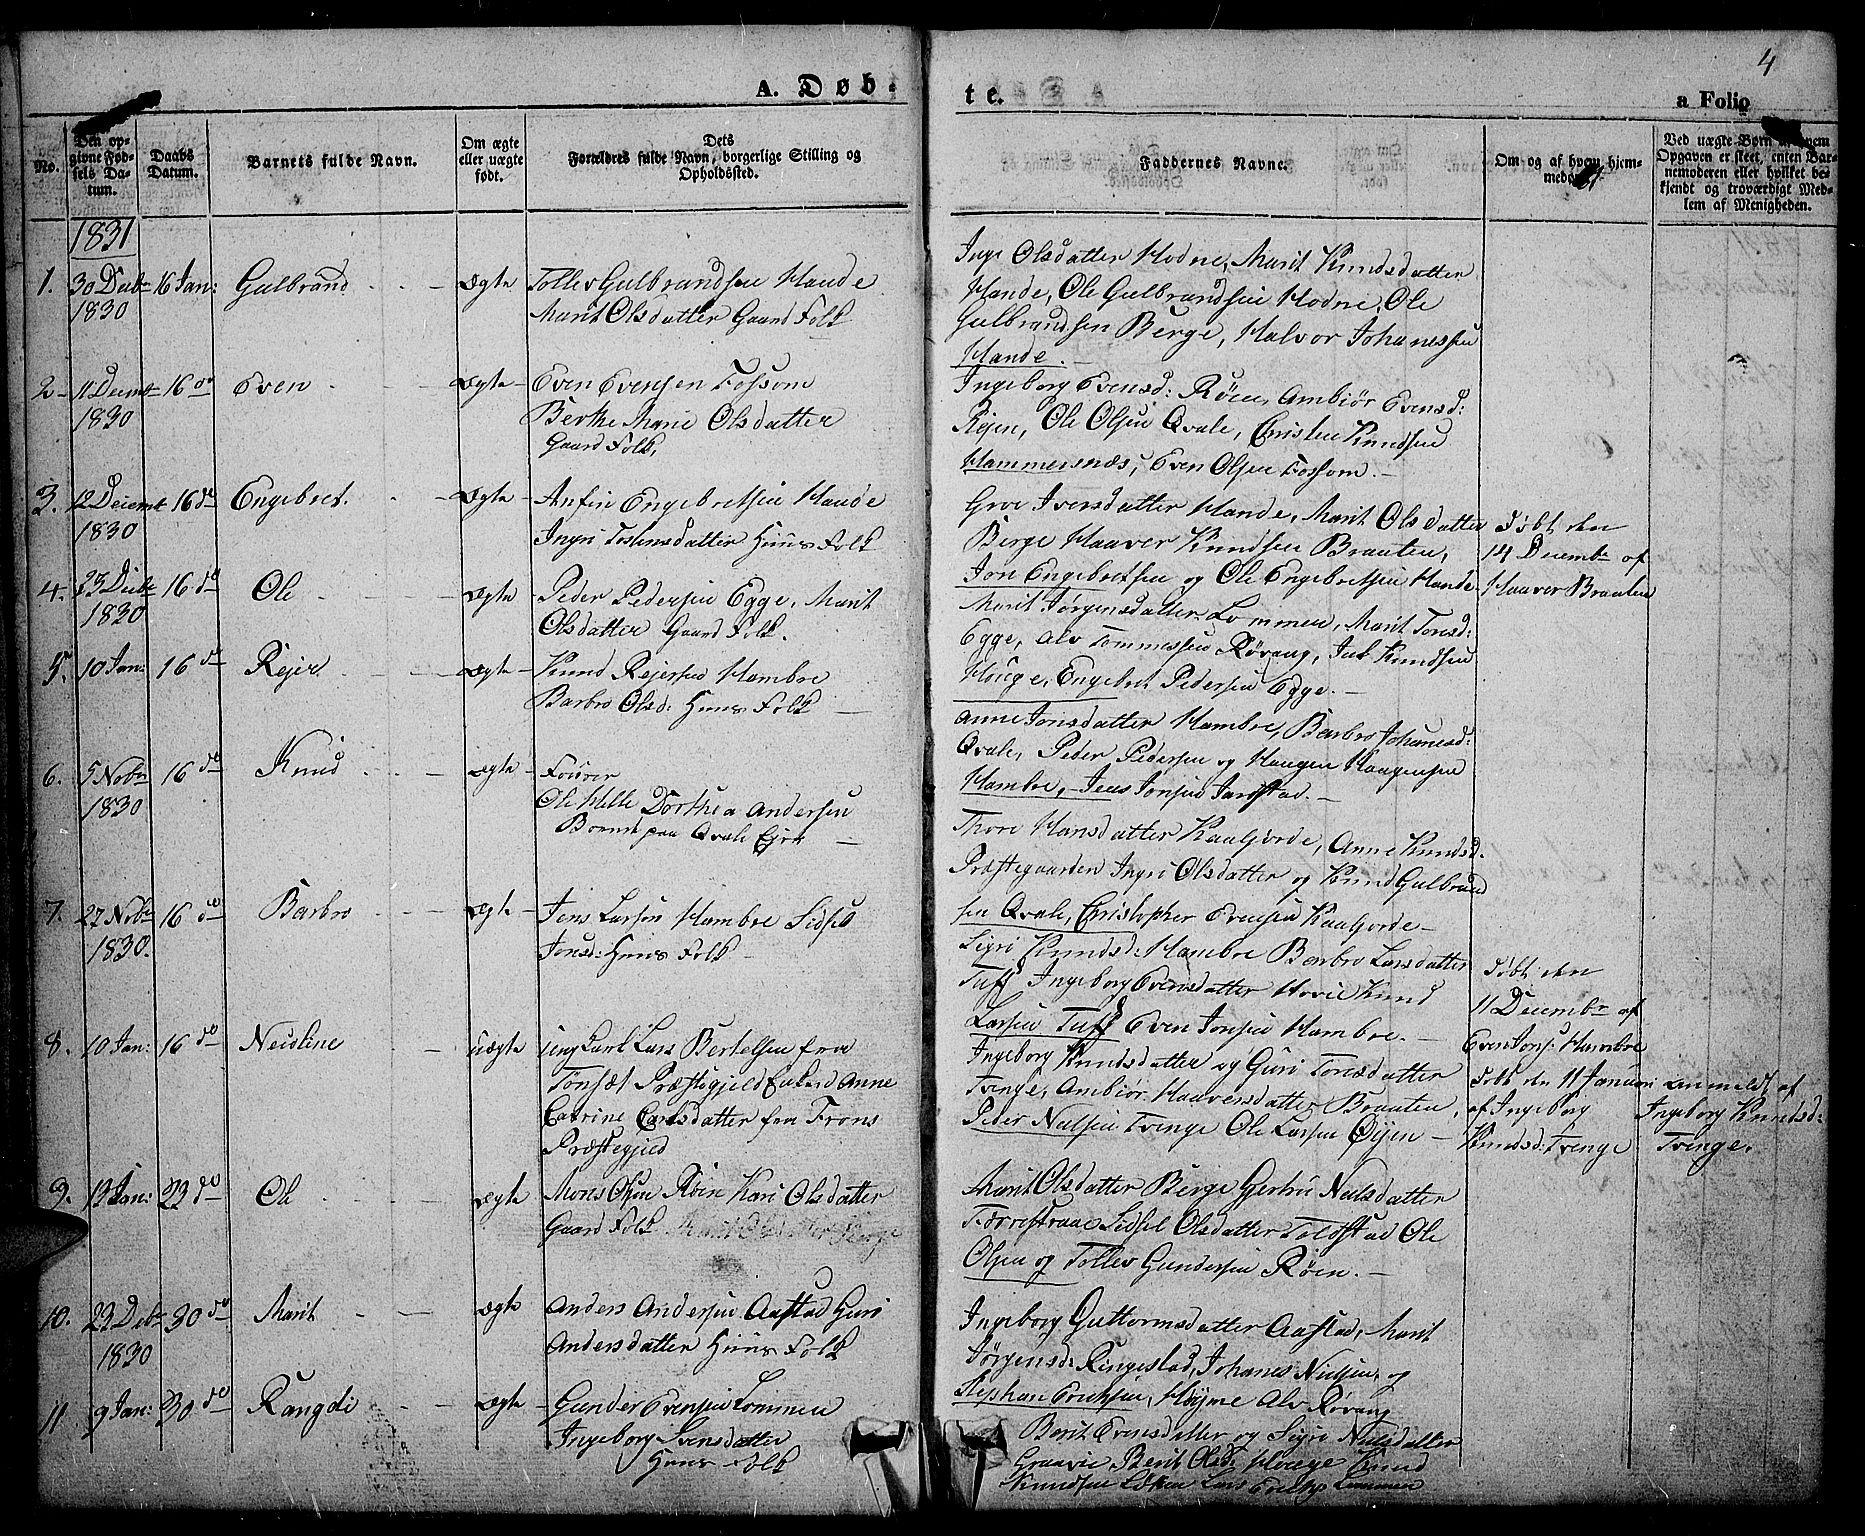 SAH, Slidre prestekontor, Ministerialbok nr. 3, 1831-1843, s. 4